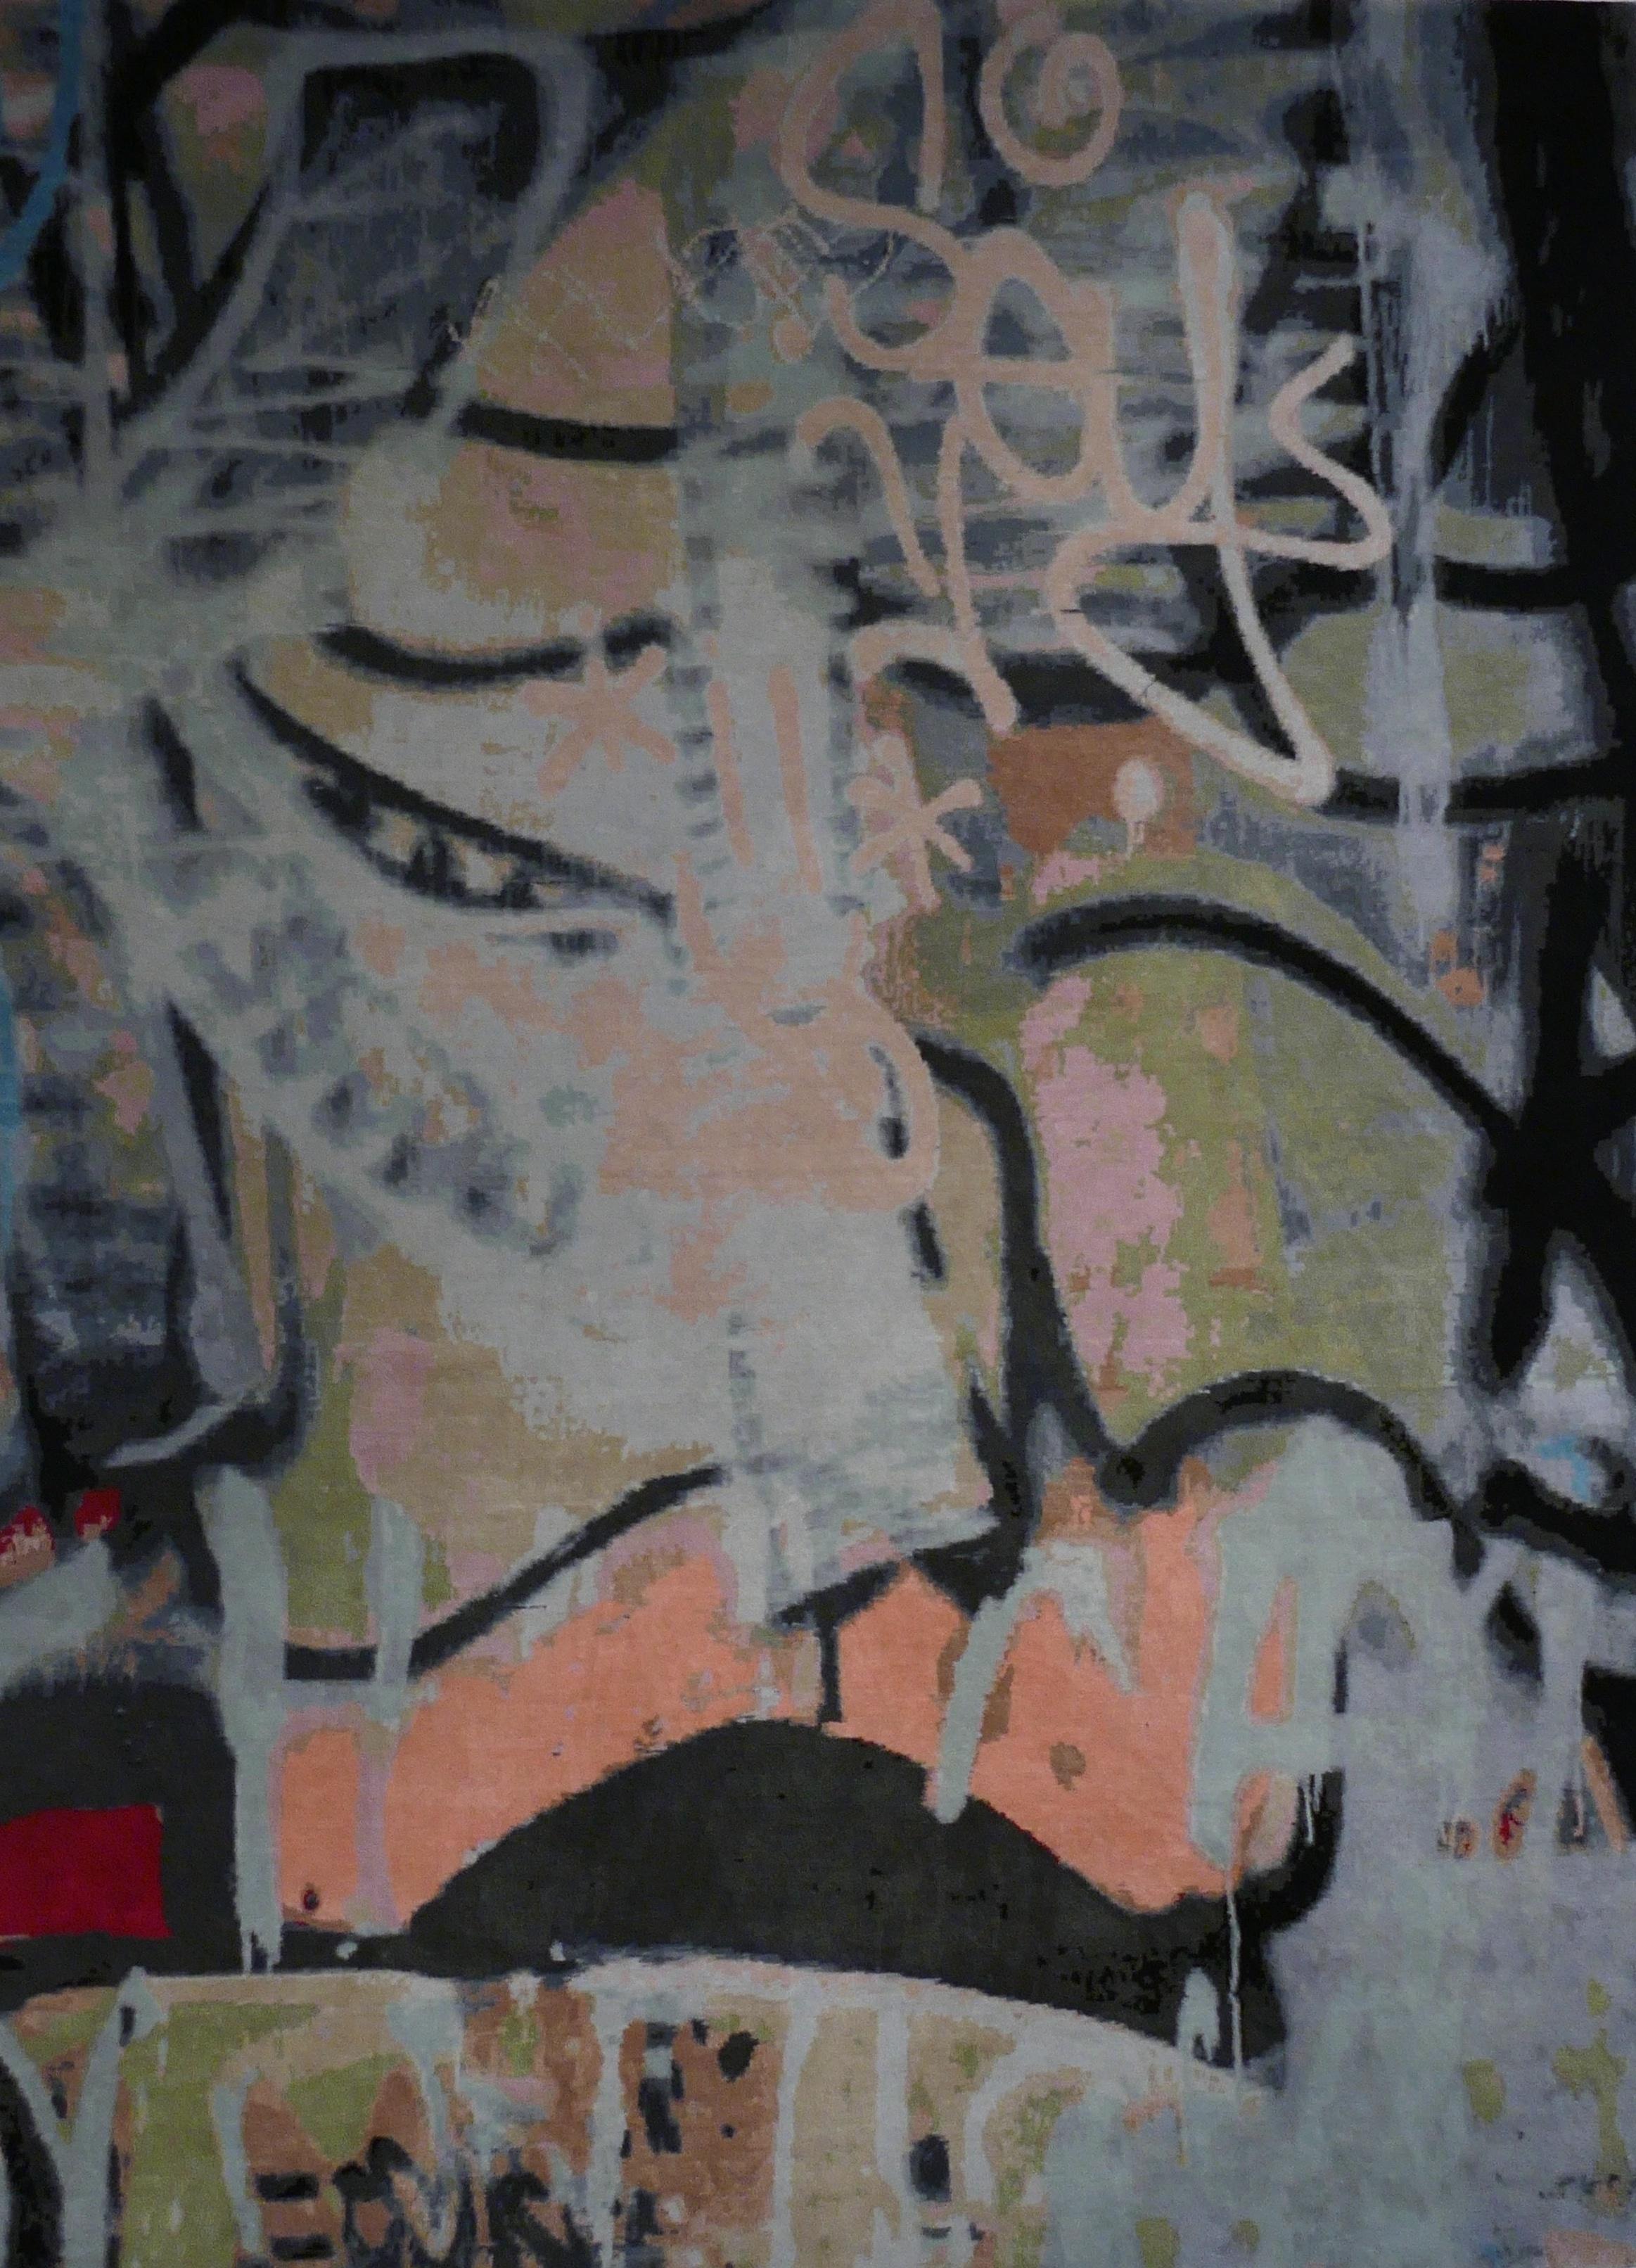 xGraffiti, 8'x10' #00641.jpg